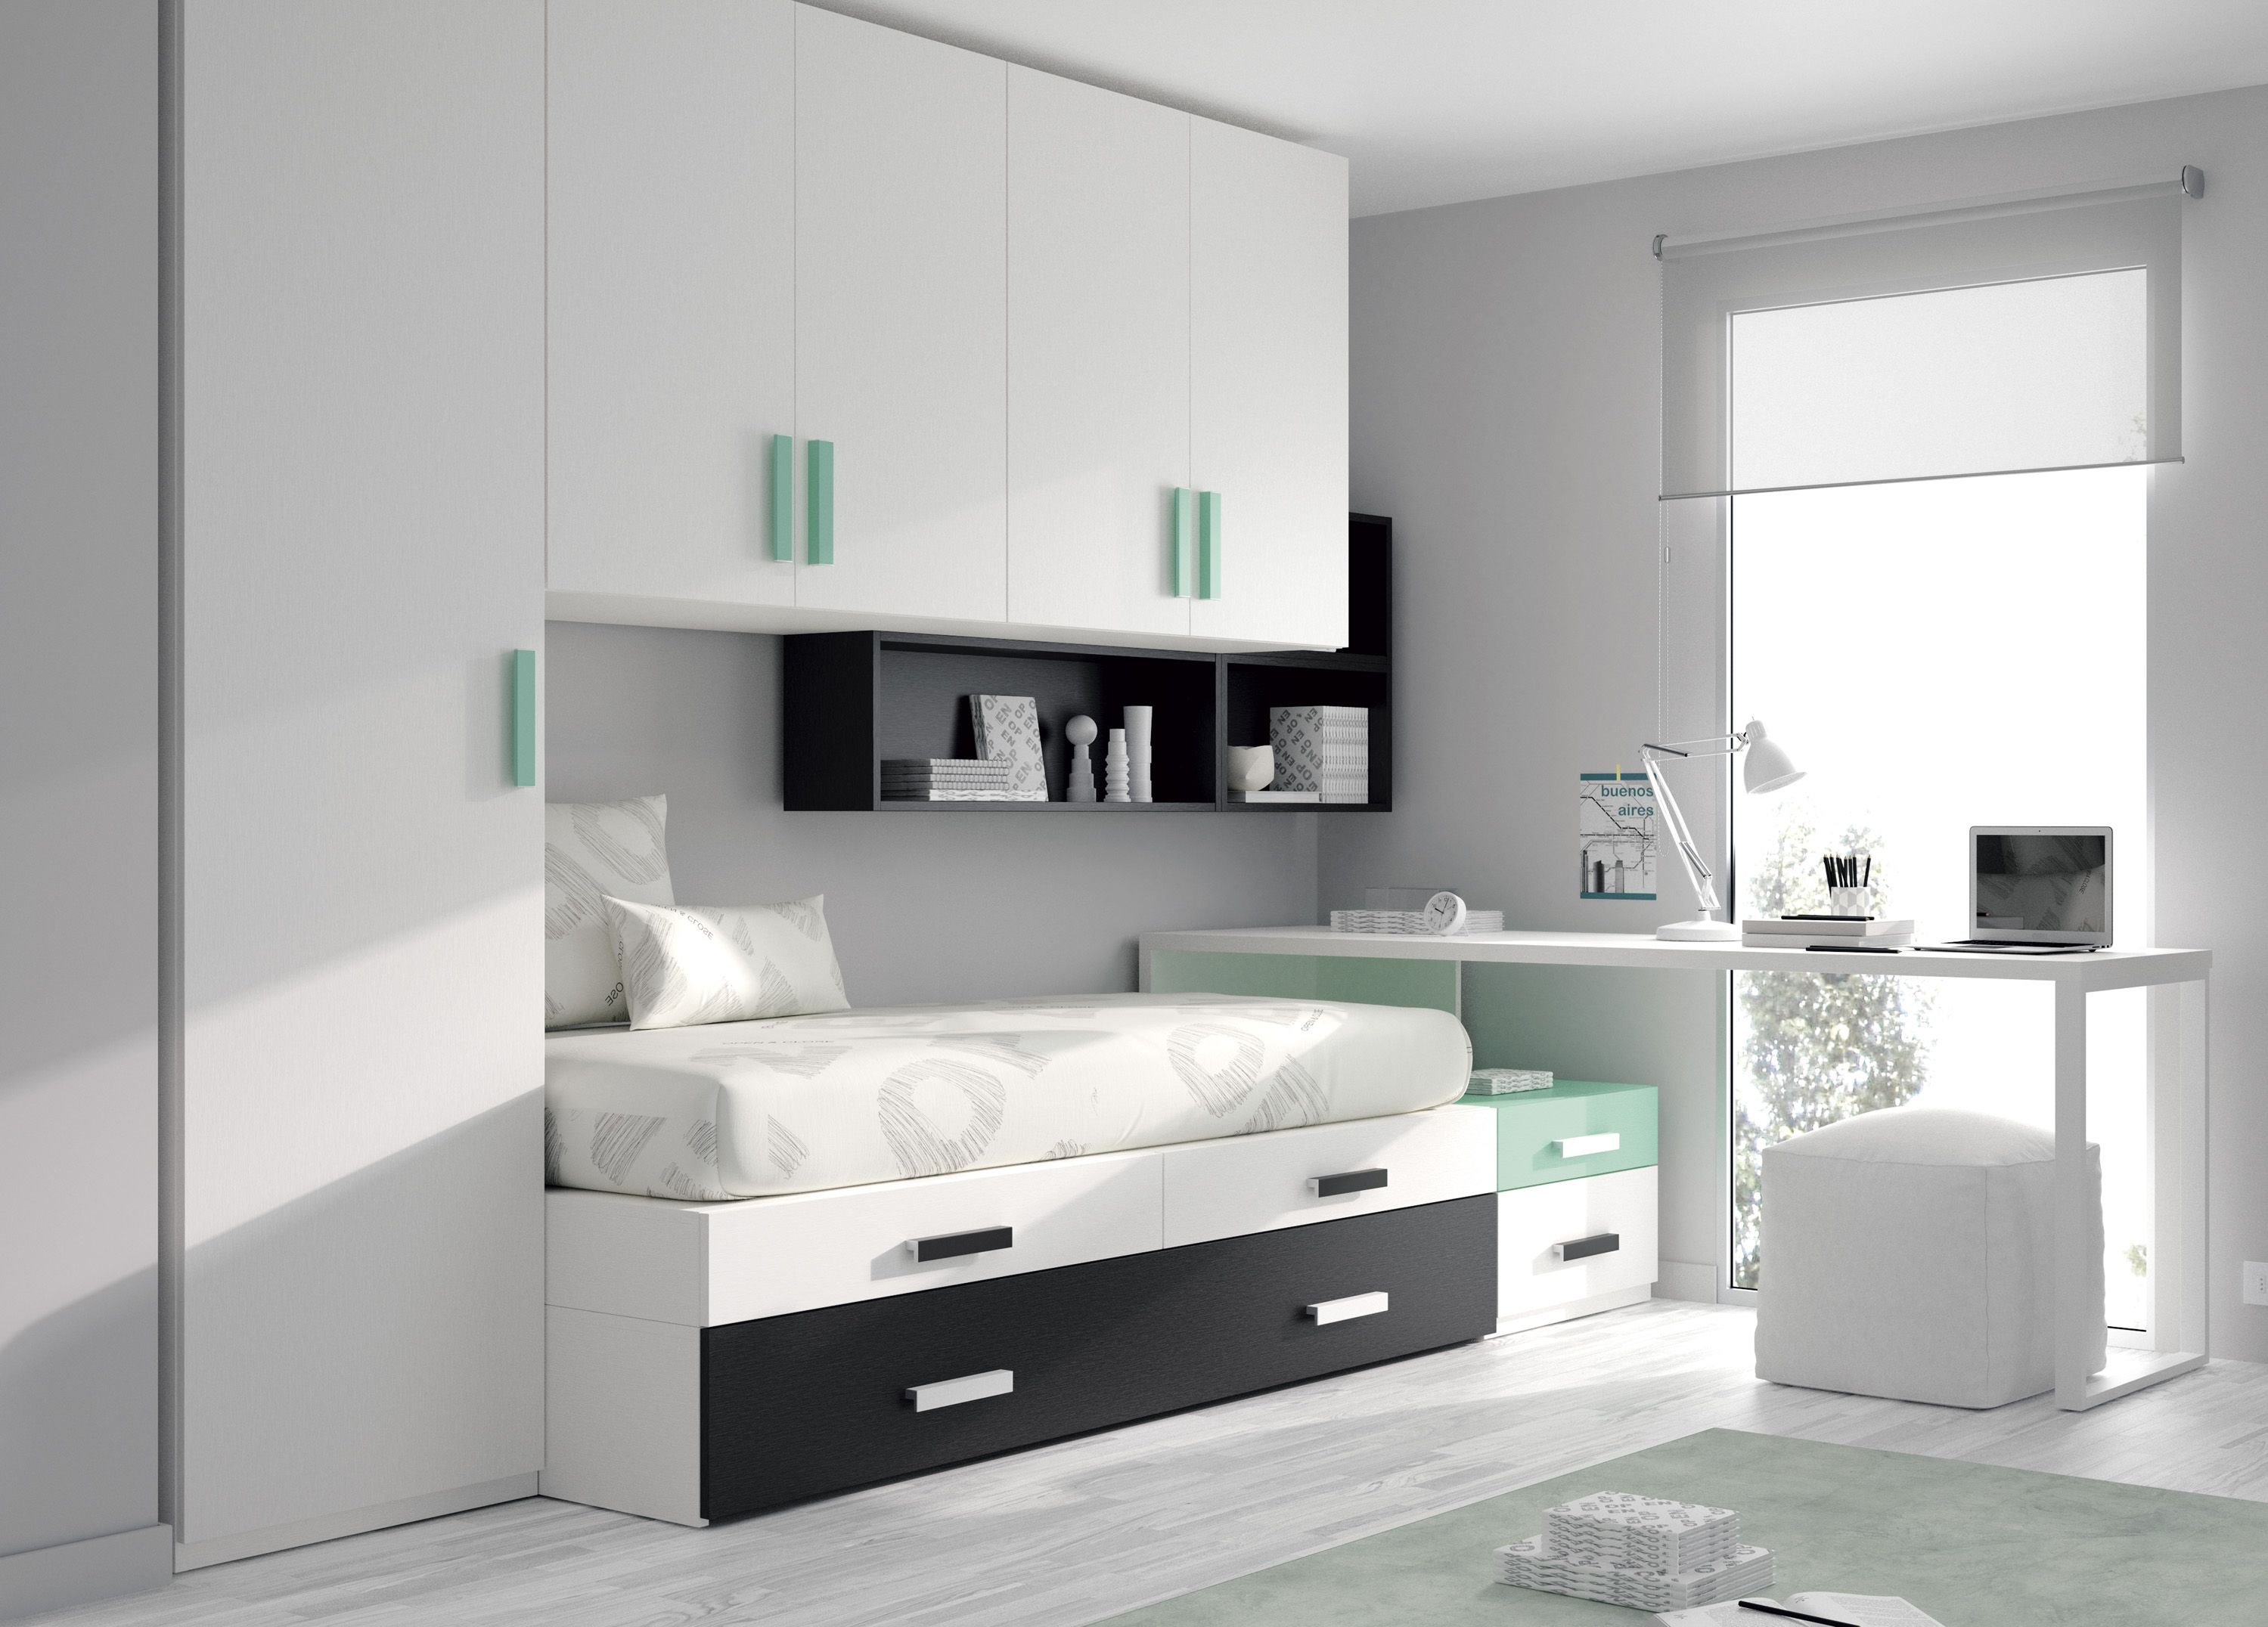 Dormitorio juvenil de mueblesros camanido - Habitaciones juveniles originales ...